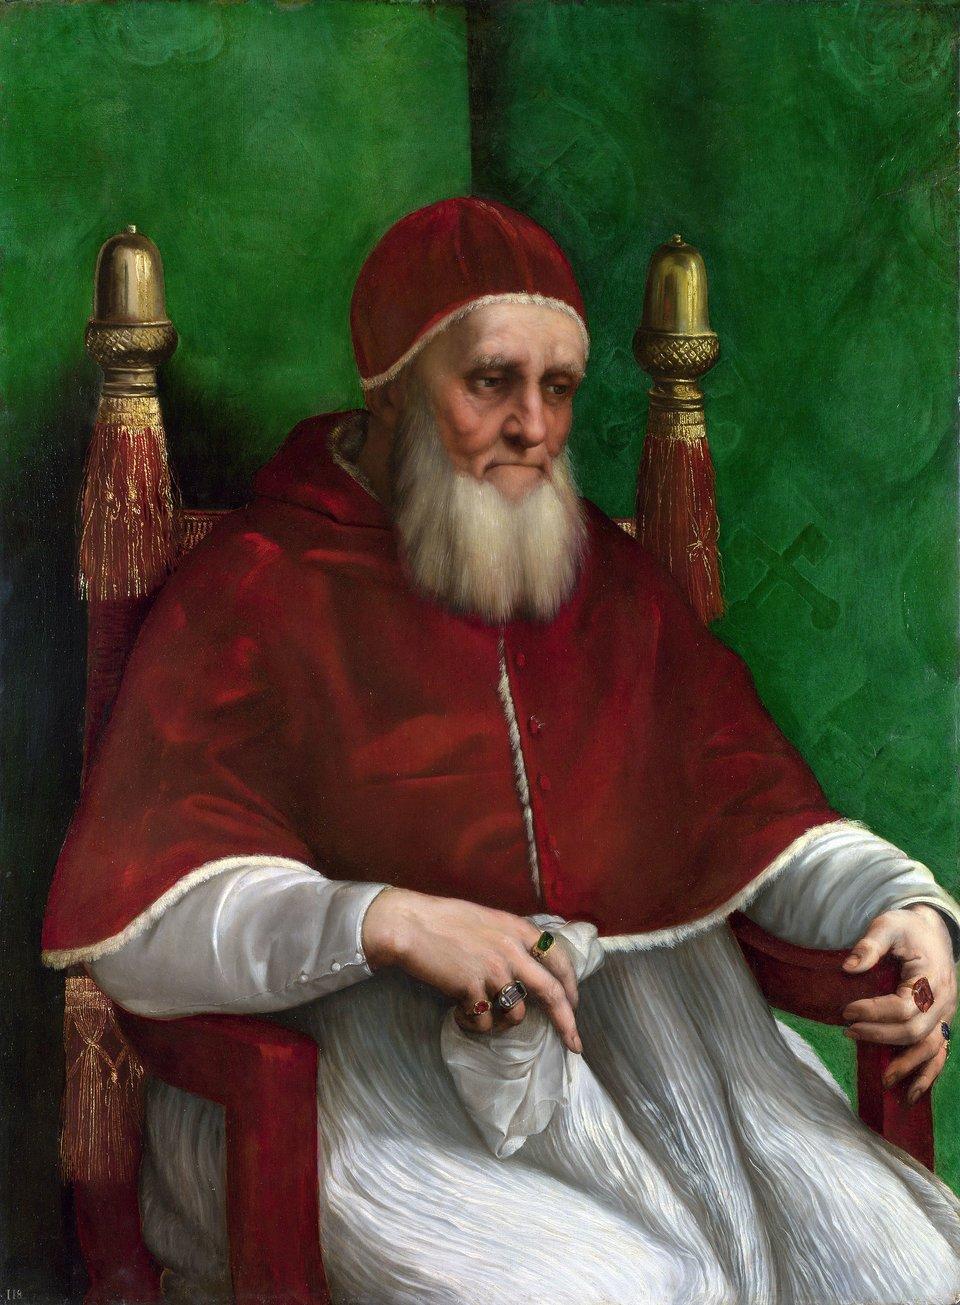 Papież Juliusz II Juliusz II (właśc. Giuliano della Rovere; ur. 5 grudnia 1443 wAlbisoli, zm. 21 lutego 1513 wRzymie) – papież wokresie od 1 listopada 1503 do 21 lutego 1513.Jego wielką zasługą, poza dobrym administrowaniem papieskim skarbcem oraz odbudową wizerunku stolicy apostolskiej, była opieka (mecenat), jaką roztaczał nad artystami tej miary, co Michał Anioł, Donato Bramante czy Rafael Santi. Wielką, nawet wówczas, gdy prawdziwe jest twierdzenie, że główną intencją mecenasa jest chęć zapisania się wpamięci potomnych Źródło: Rafael Santi, Papież Juliusz II, 1511, olej na topoli, National Gallery, domena publiczna.